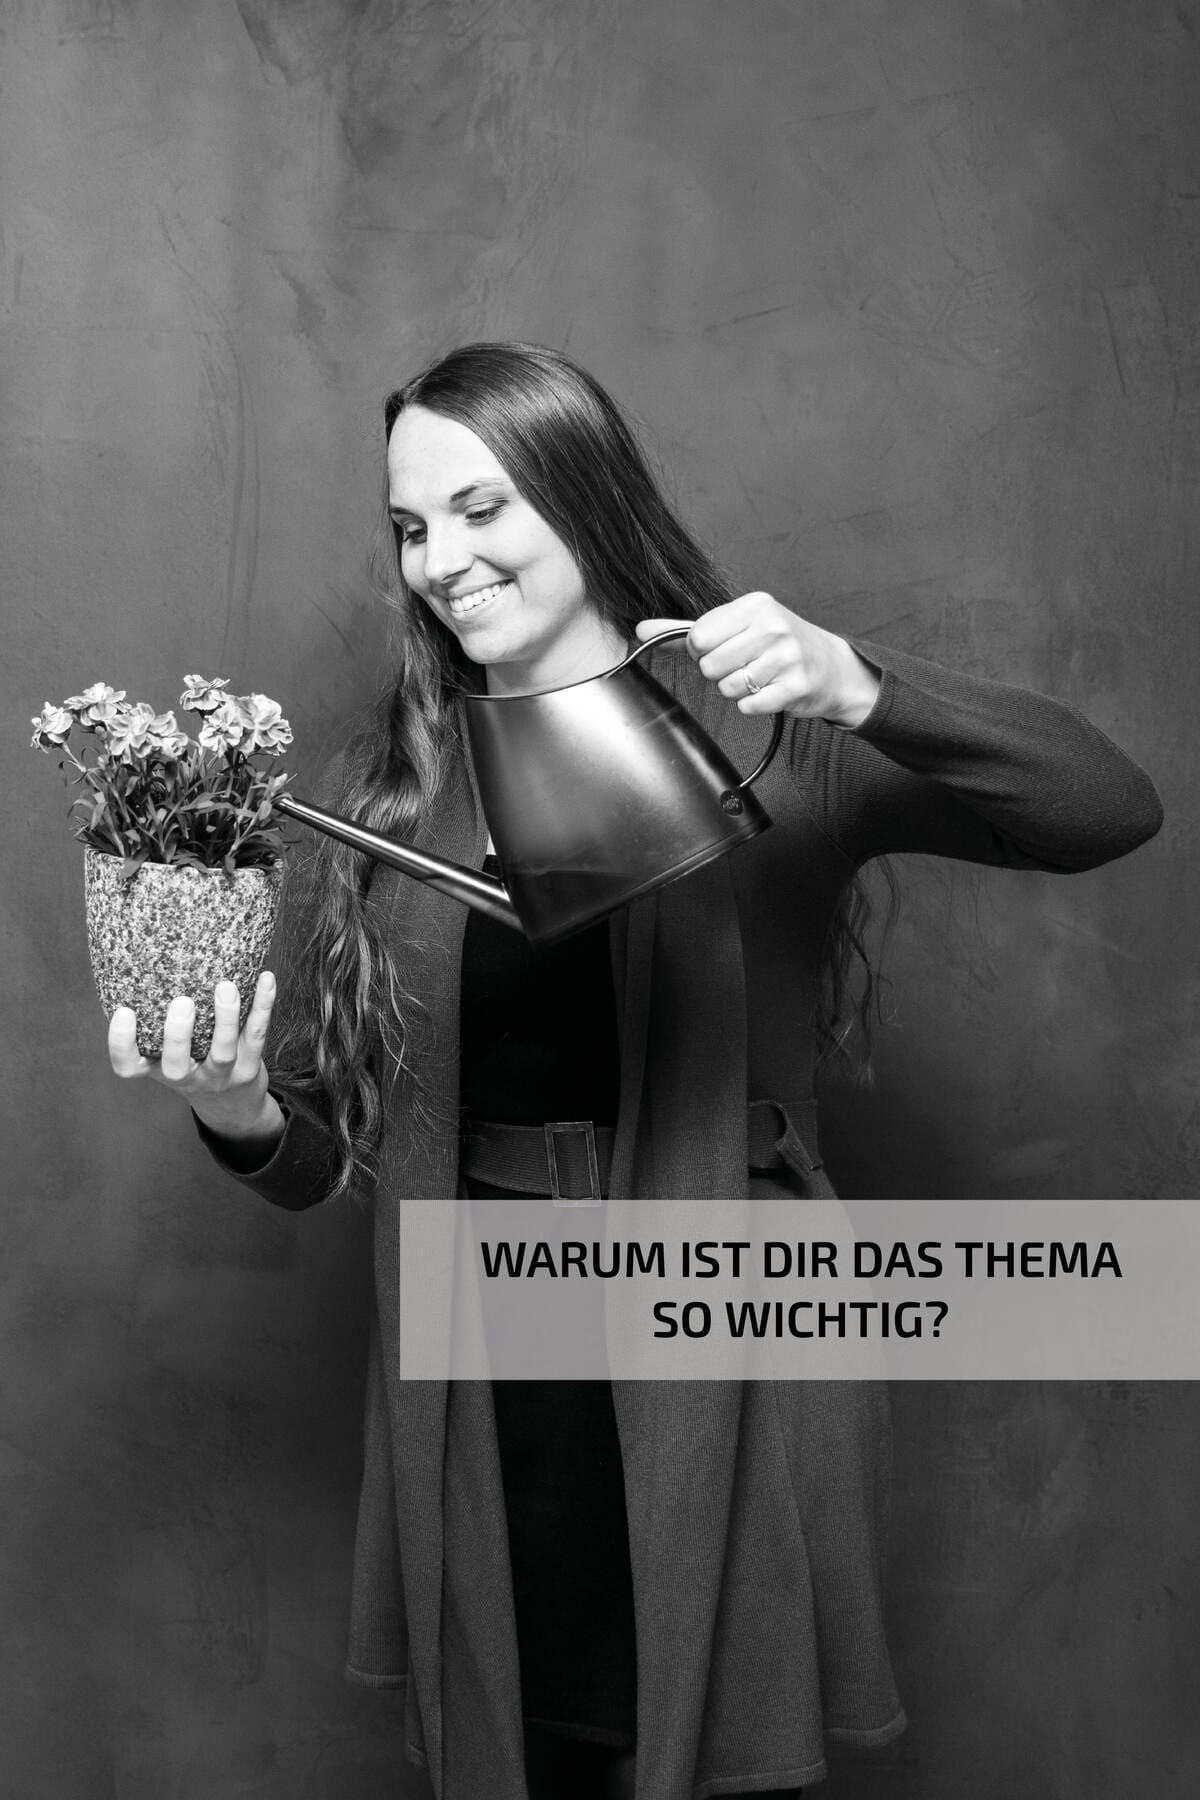 Umweltmanagement 3 - Janina Rötzer ohne Worte - Nutz GmbH